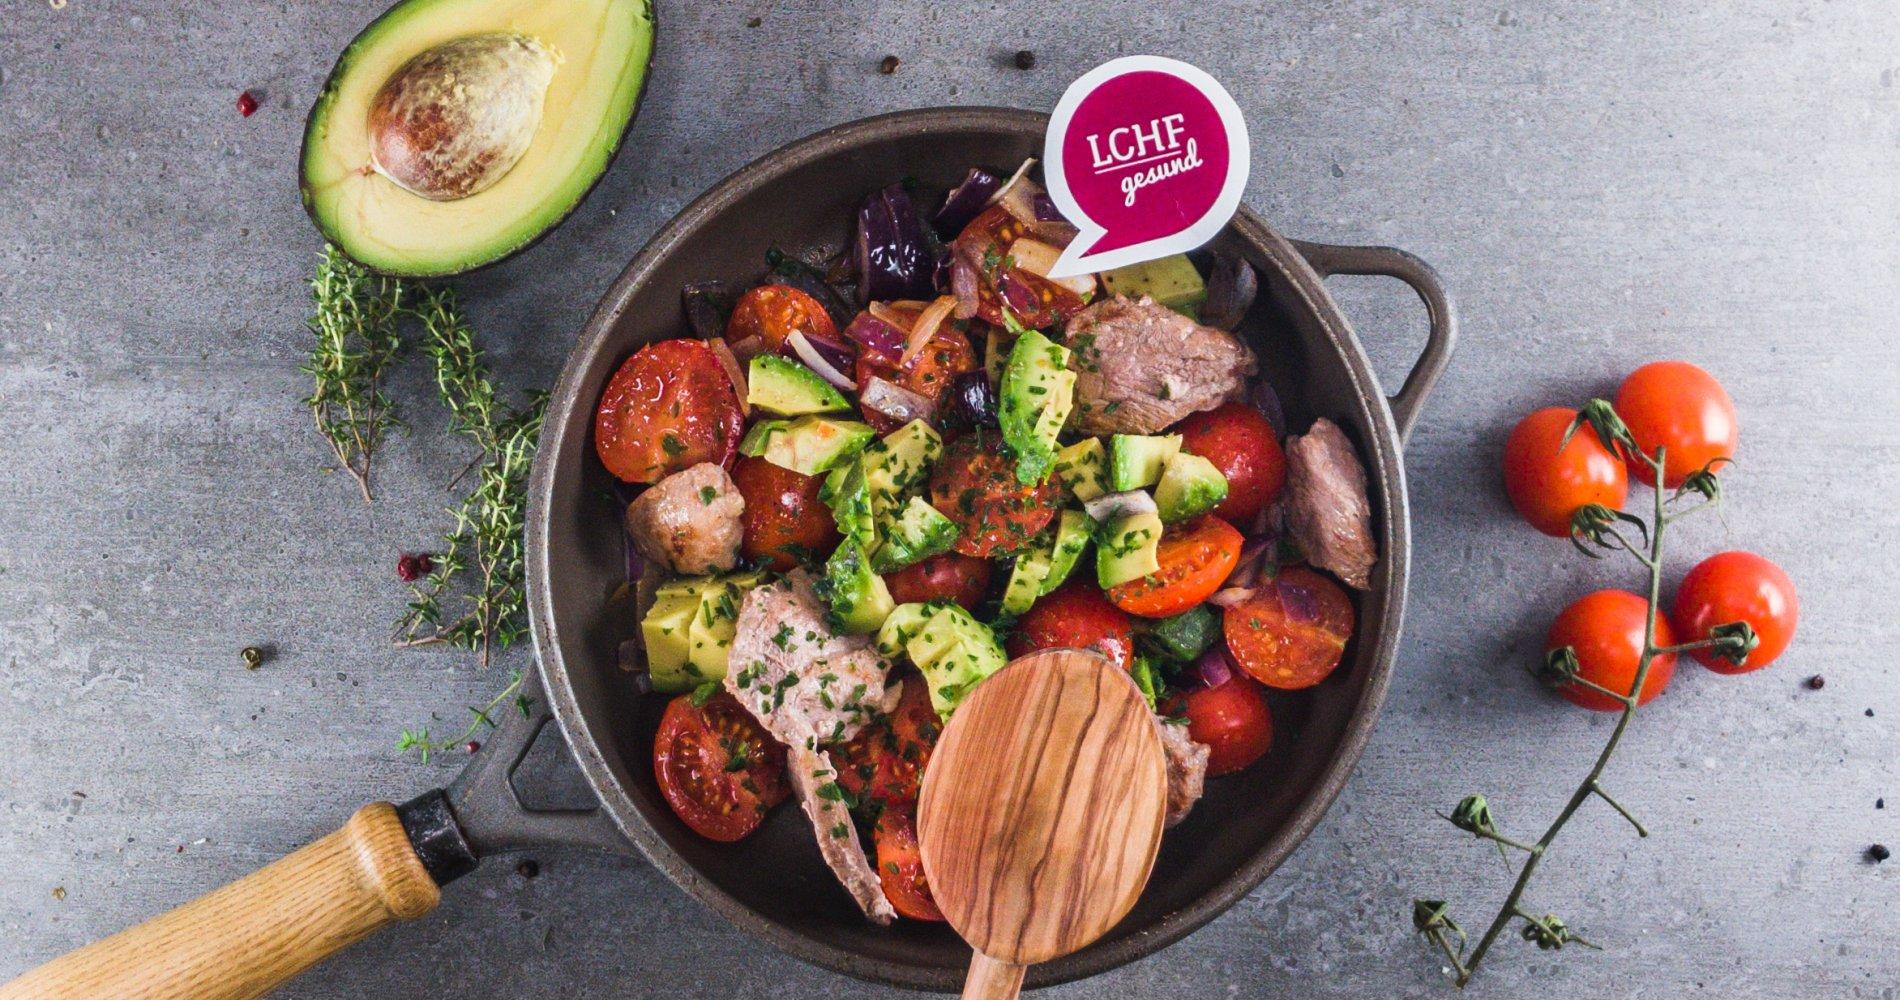 Rezept Low Carb: Avocadopfanne mit Schweinefilet - LCHF-gesund.de